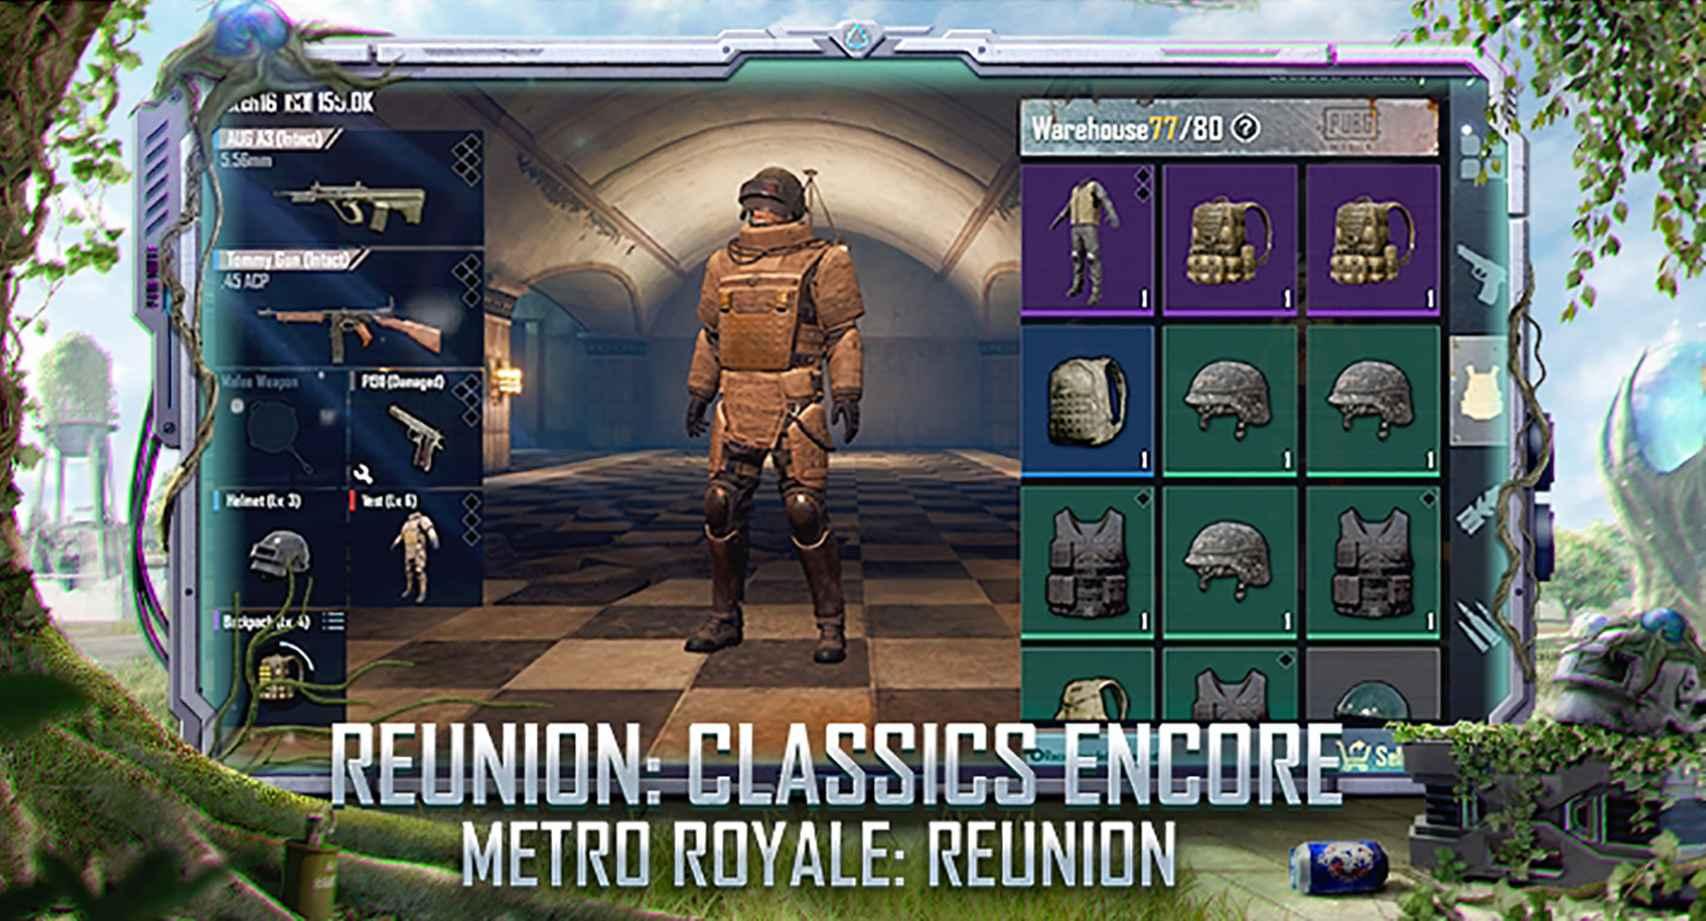 El modo Metro Royale está de vuelta en PUBG Mobile